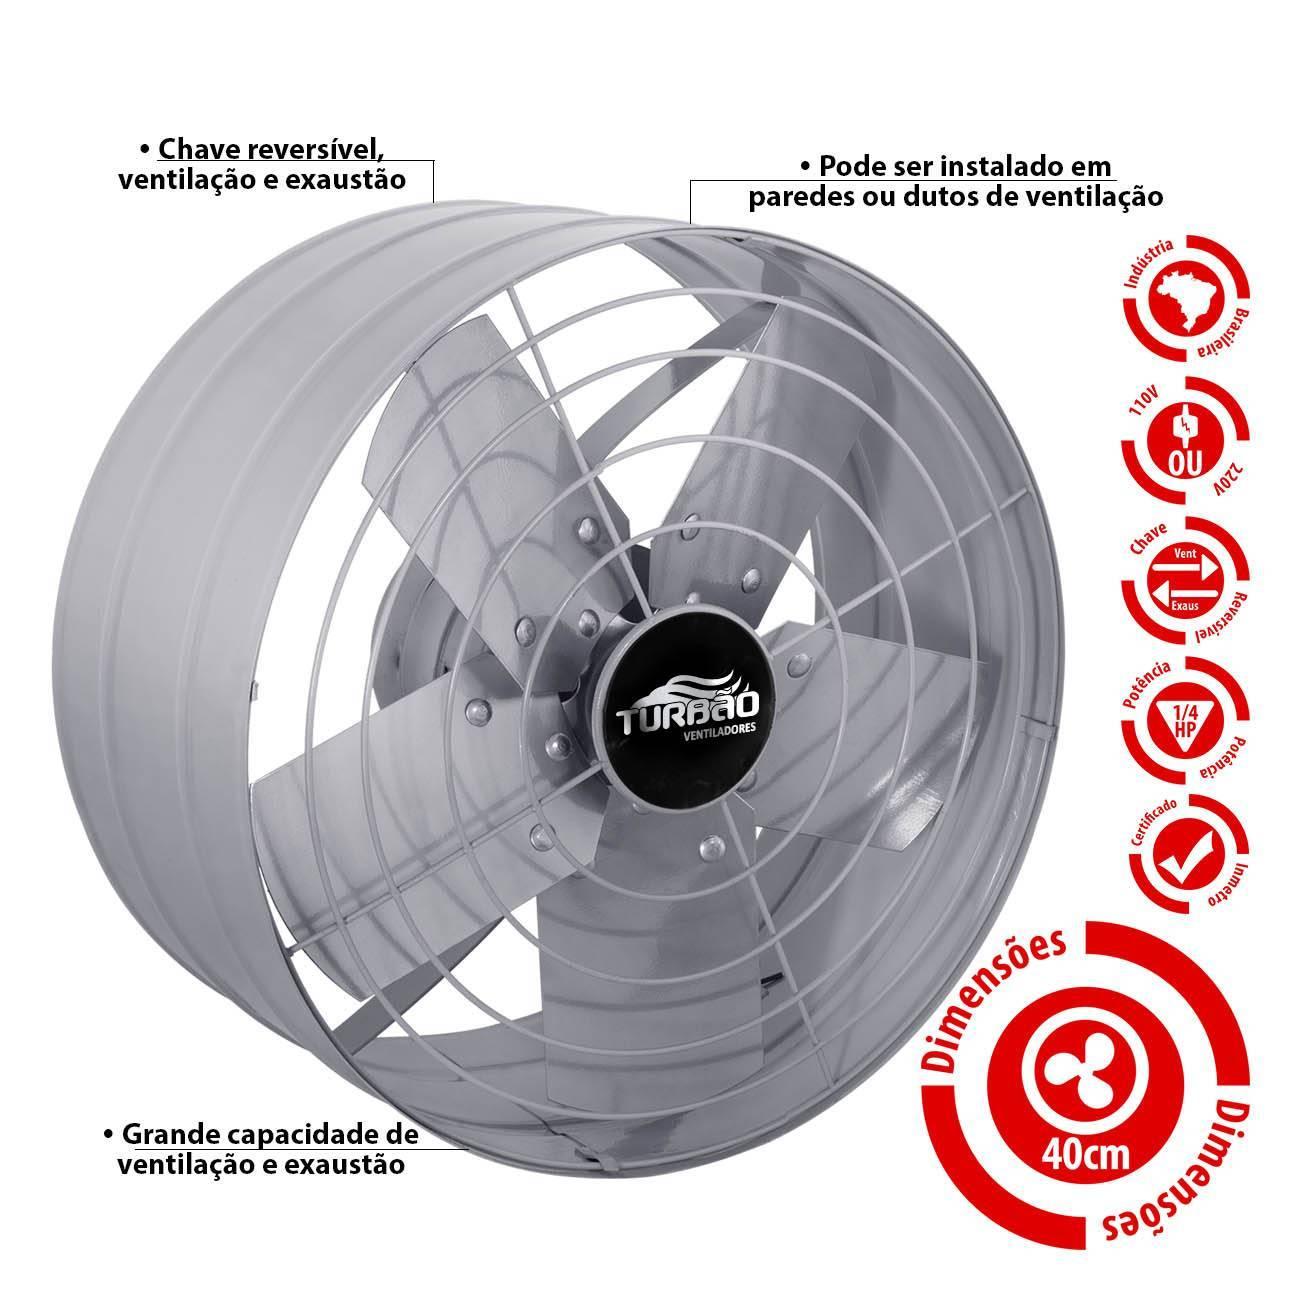 Exaustor Industrial/Comercial 40cm Turbão - LCGELETRO